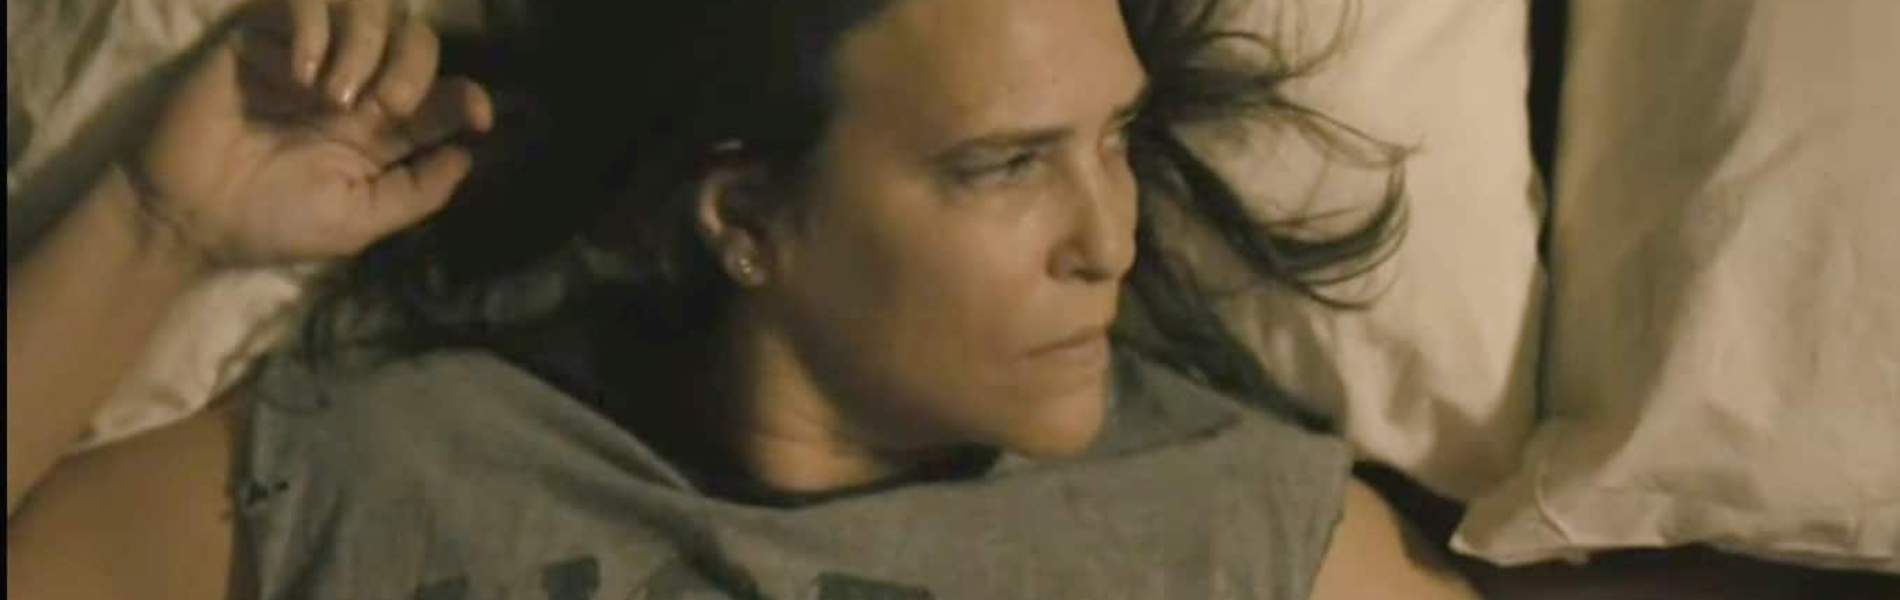 """""""ככה זה"""": איך דנה מודן גרמה לנו להתאהב באישה הכי אפרורית על המסך?"""